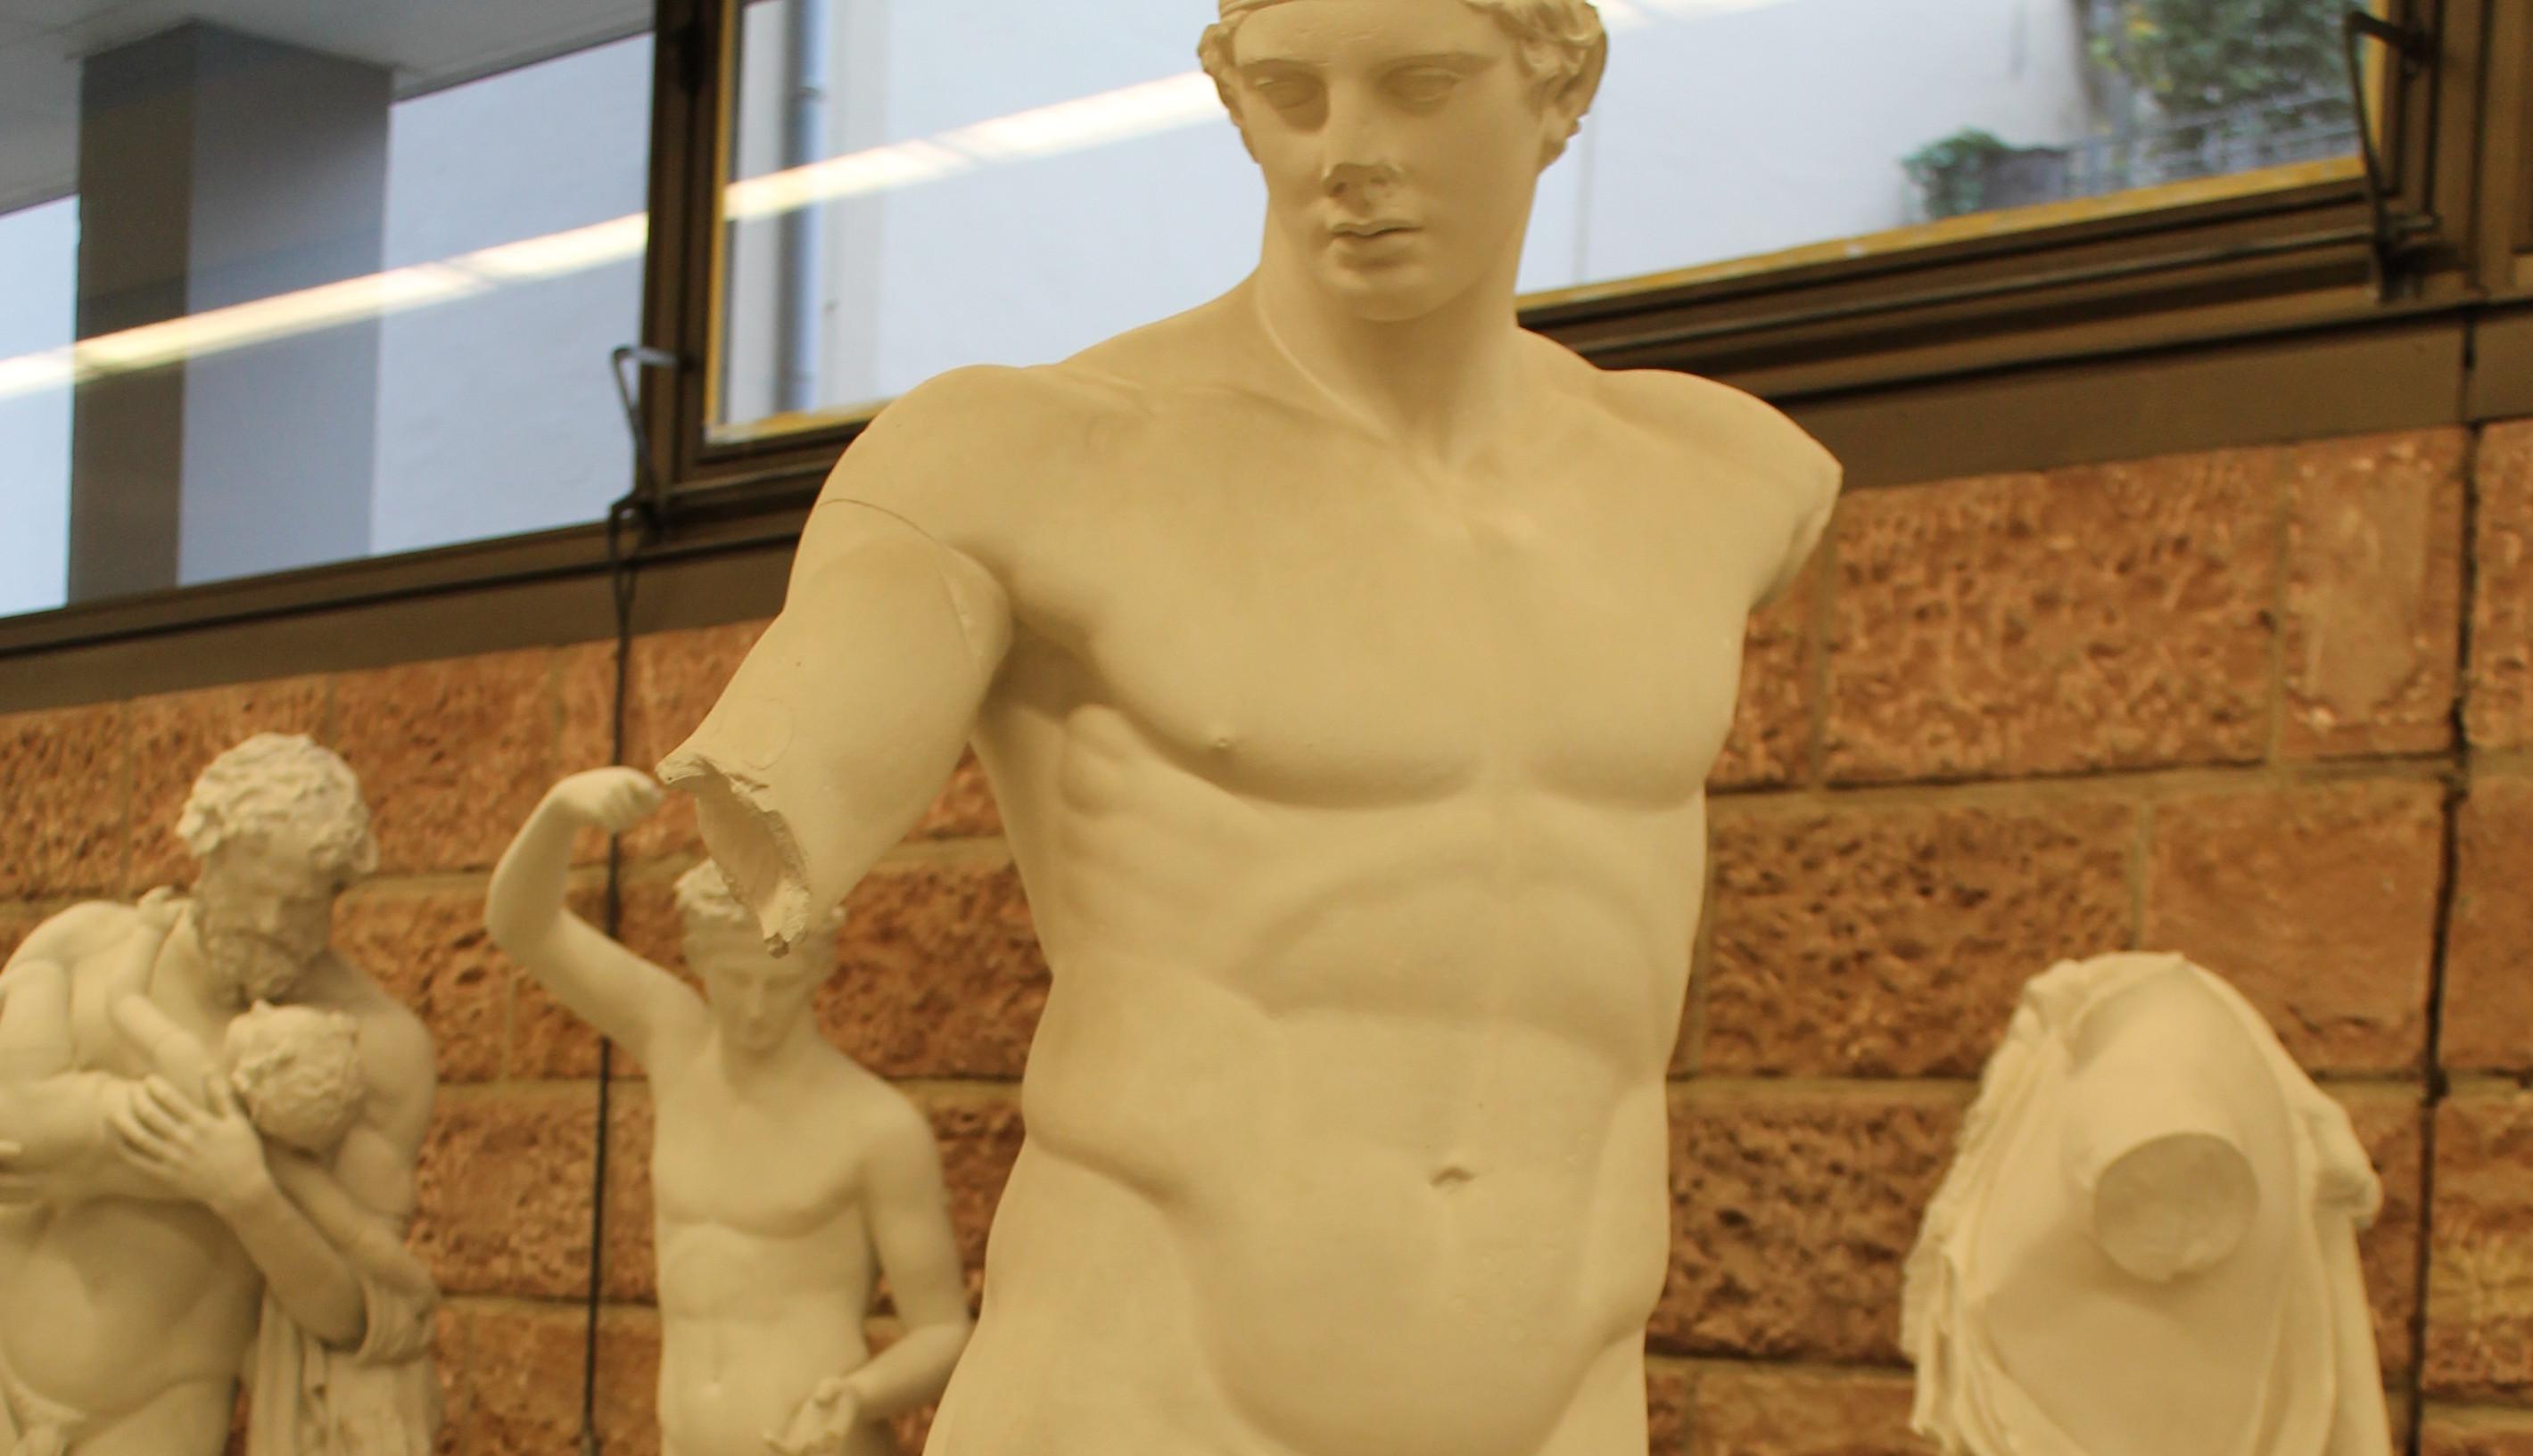 Der stehende Athlet (sog. Diadoumenos): Abguss im Foyer des Instituts für Alte Geschichte. Das Original ist aus Marmor und befindet sich im Archäologischen Nationalmuseum in Athen.   Original aus Marmor in Athen, Archäologisches Nationalmuseum. Gefunden auf der Insel Delos, ursprünglich war er wohl mit Blattgold überzogen. Vorbild der Marmorstatue war die Bronzestatue des Bildhauers Polyklet, entstanden um 420 v.Chr. (Klassische Zeit). Darstellung eines Athleten, der sich ein Band um den Kopf wickelt (daher der Name Diadoumenos), dies ist wohl ein Hinweis auf seinen Sieg. Foto: Christina Deinsberger